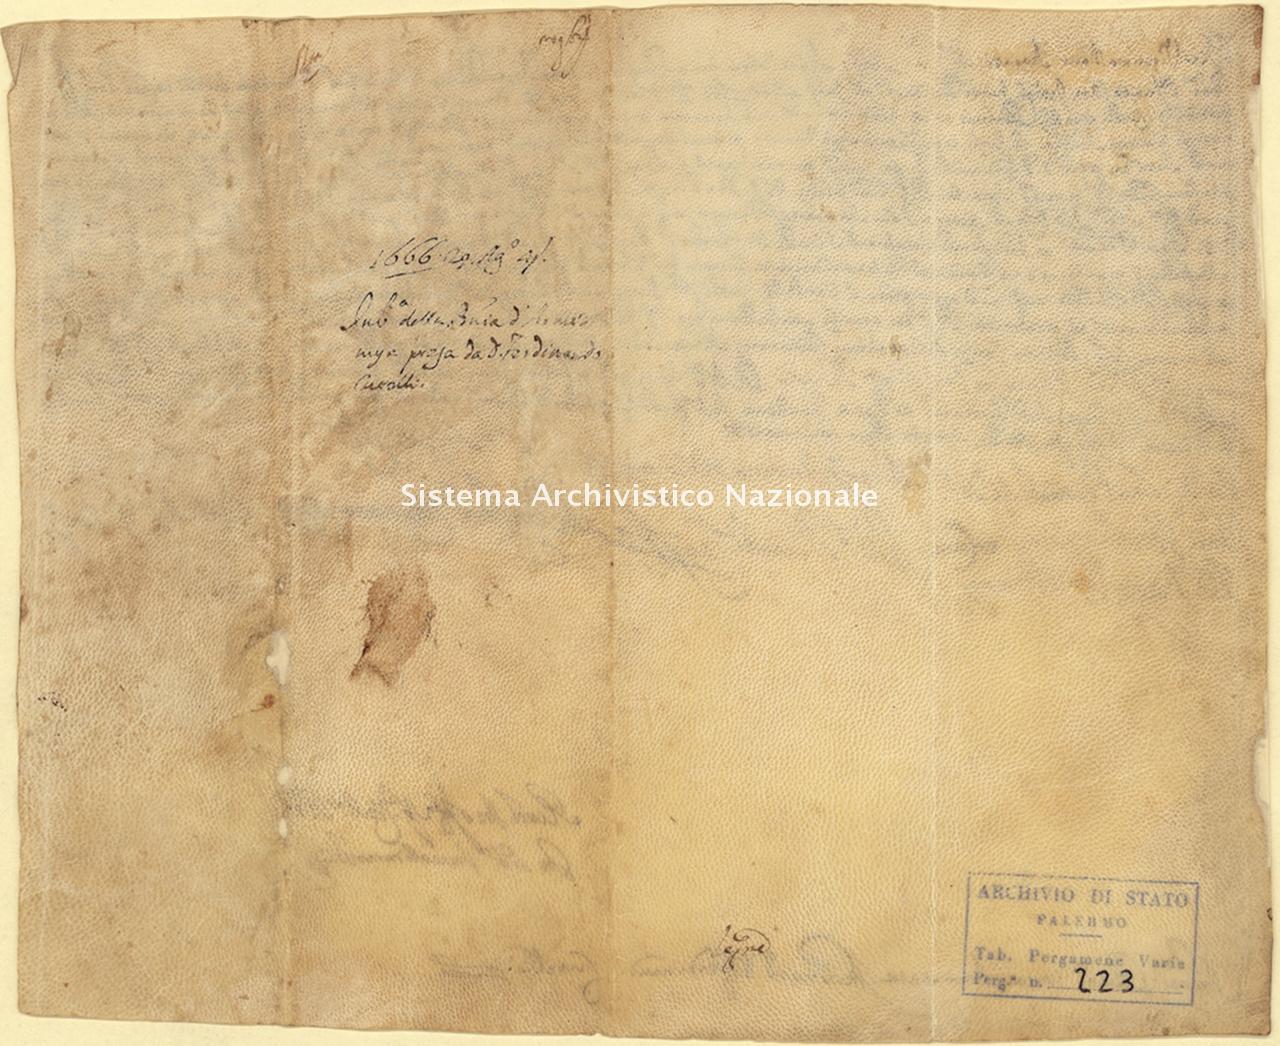 Archivio di Stato di Palermo, Diplomatico, Pergamene Landolina (già Pergamene varie 211-242), Pergamena PL 13 (PVa 223)